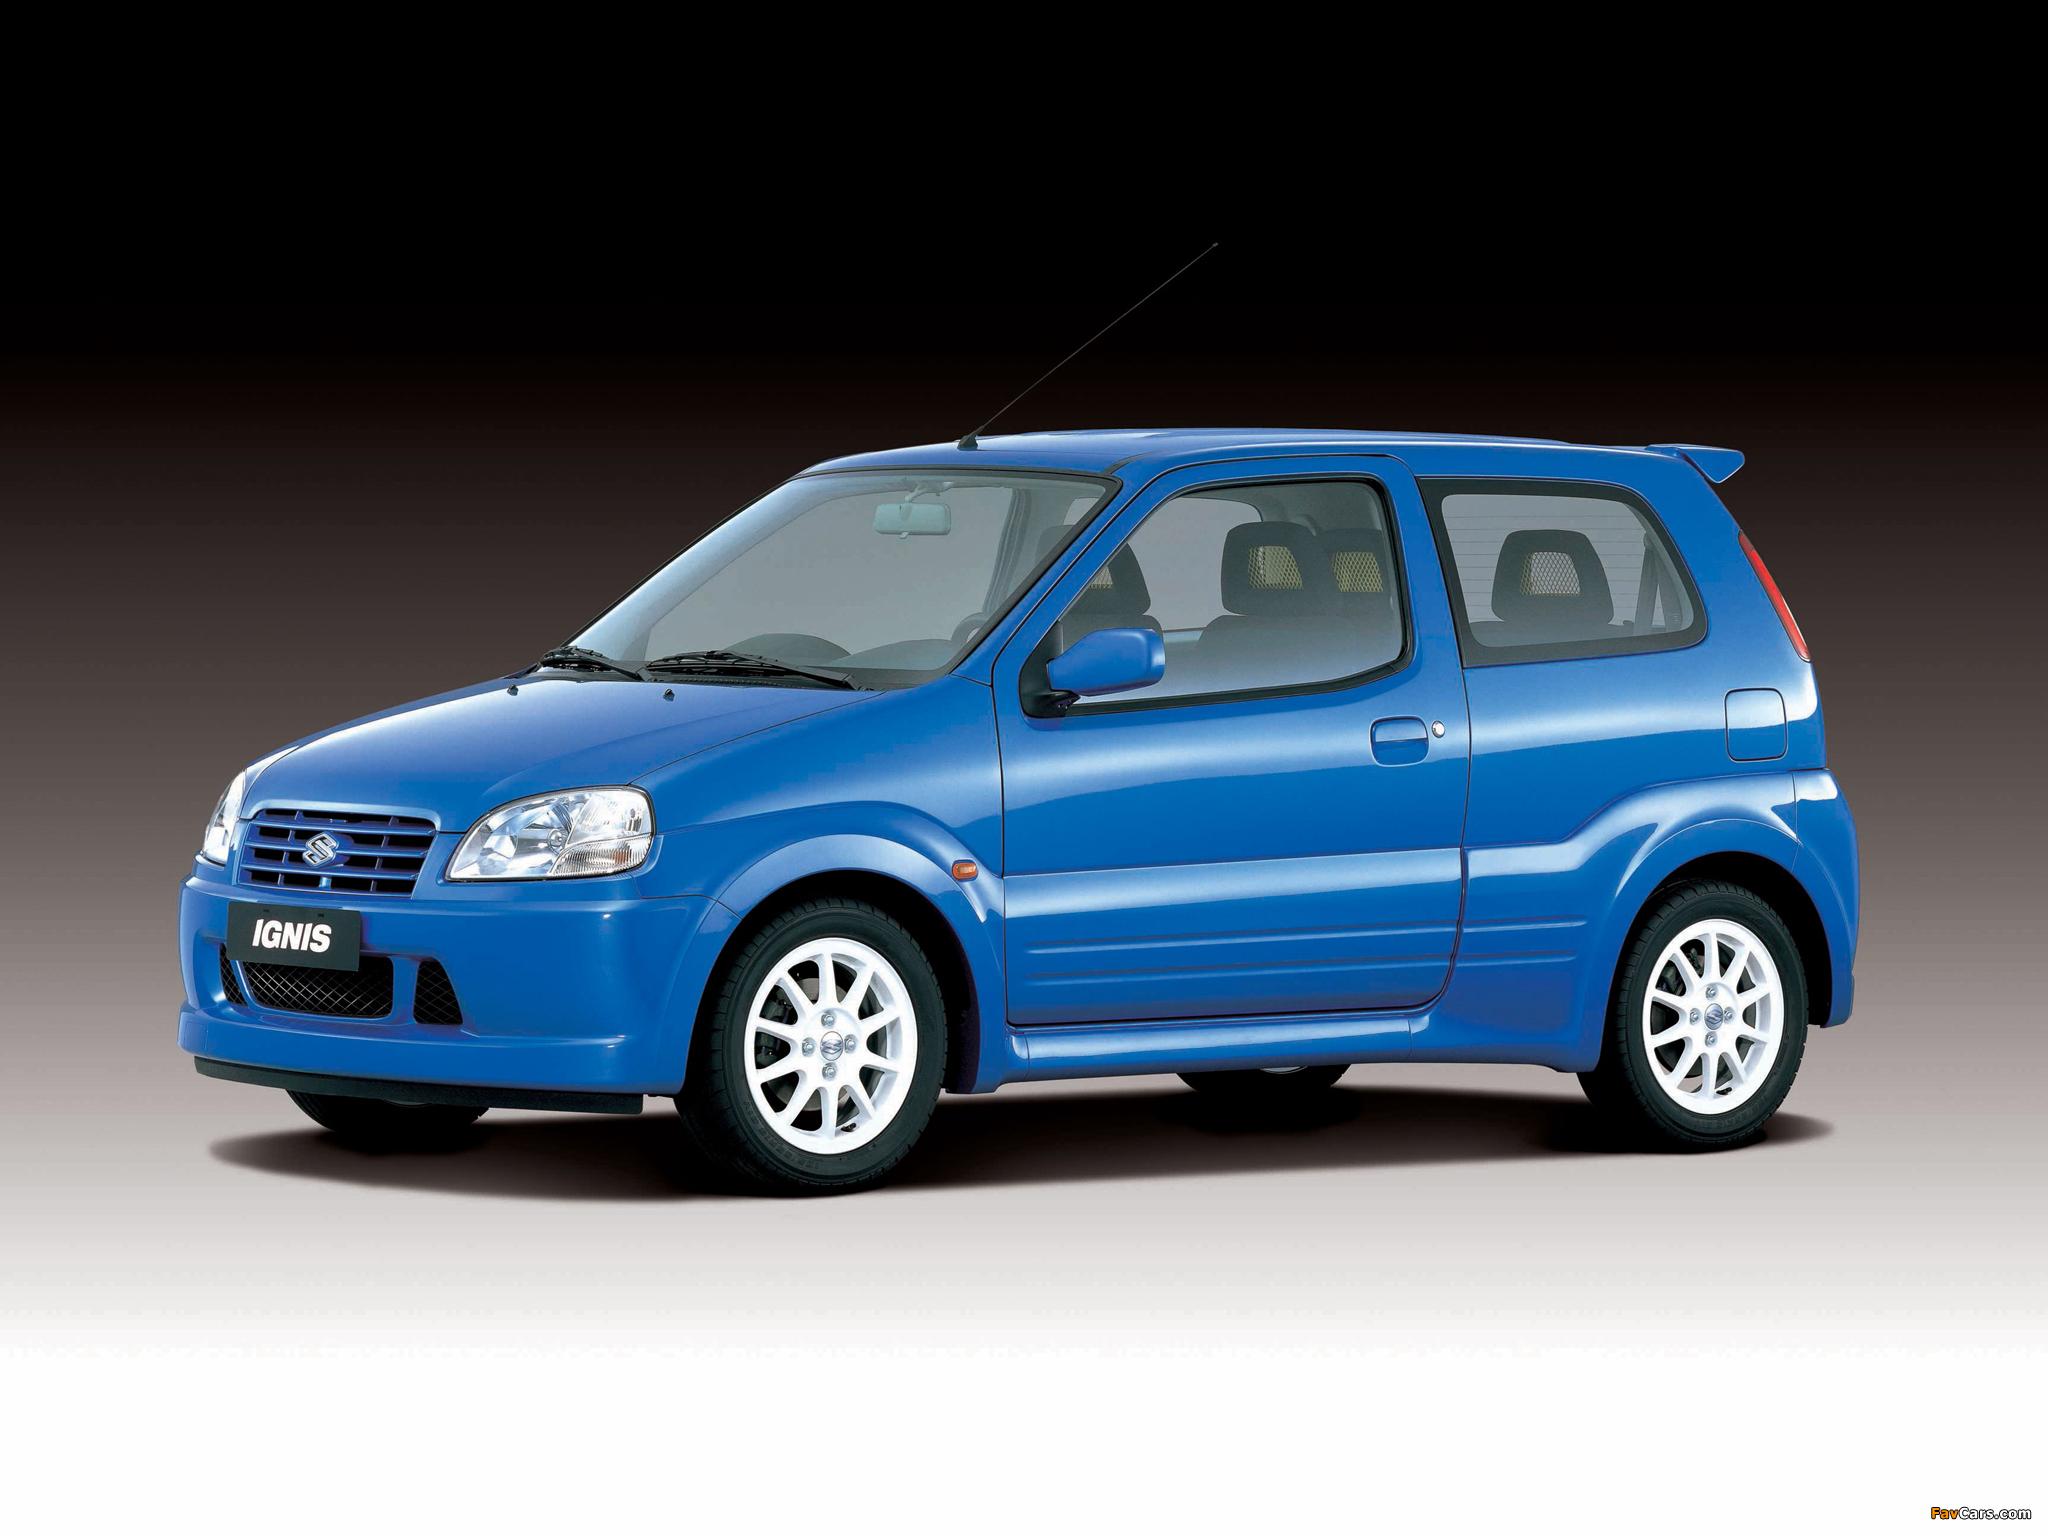 Suzuki Sport Ignis